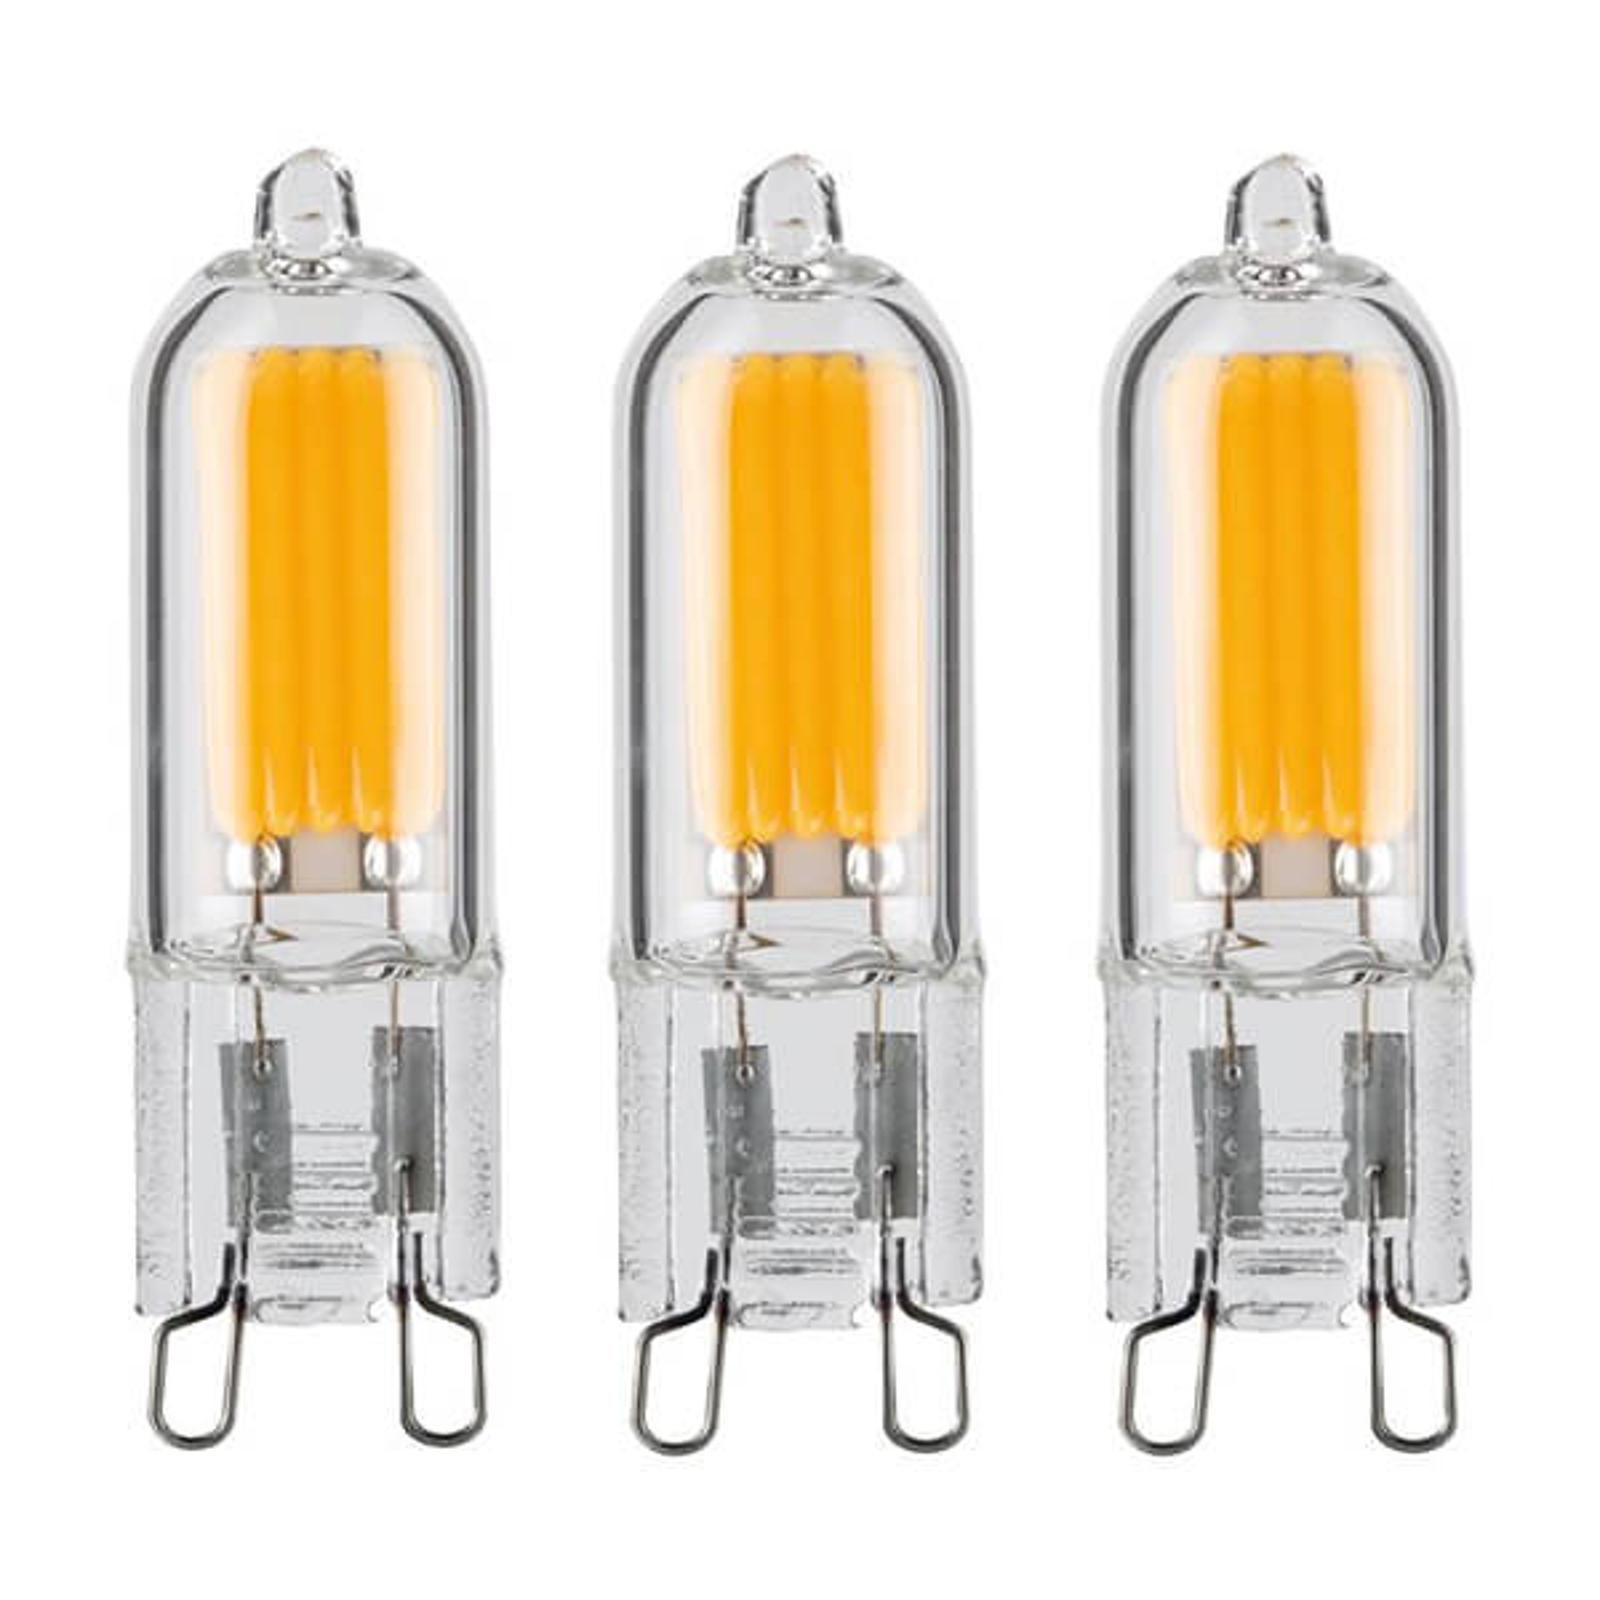 LED-stiftsokkellampe G9 2W , varmhvid, 3er-sæt